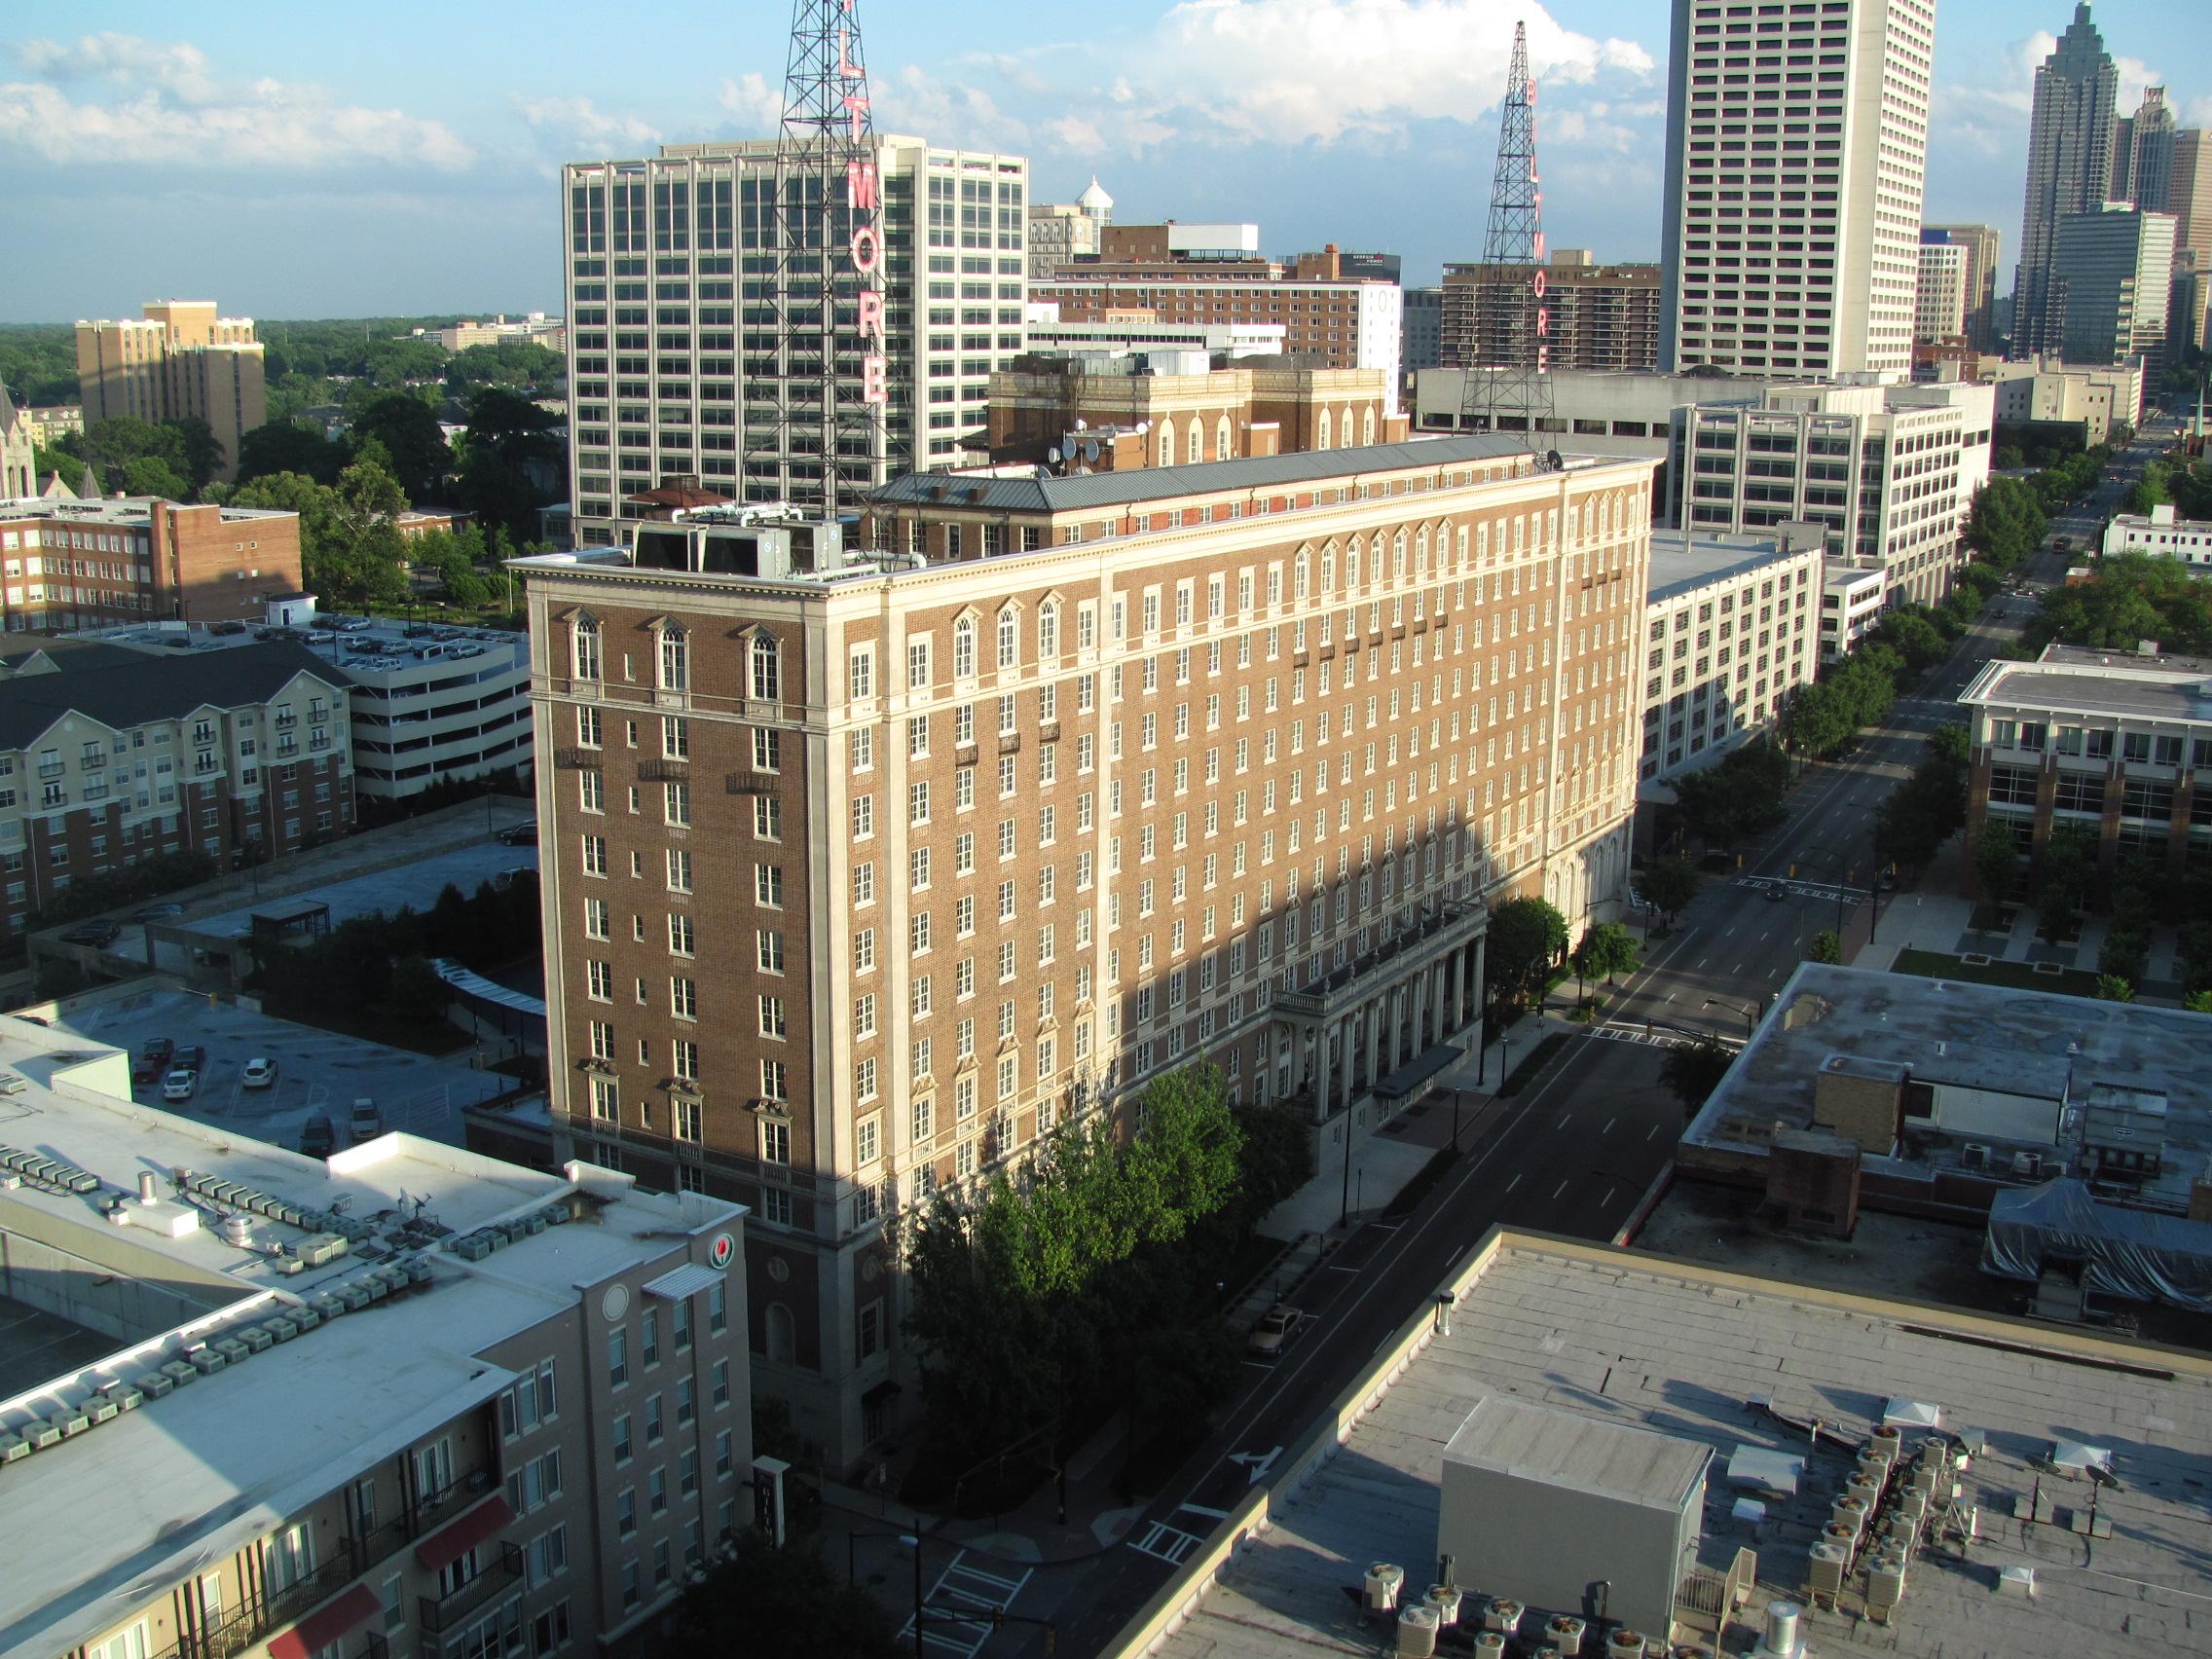 View of the Biltmore from the Palomar, Midtown Atlanta GA.jpg